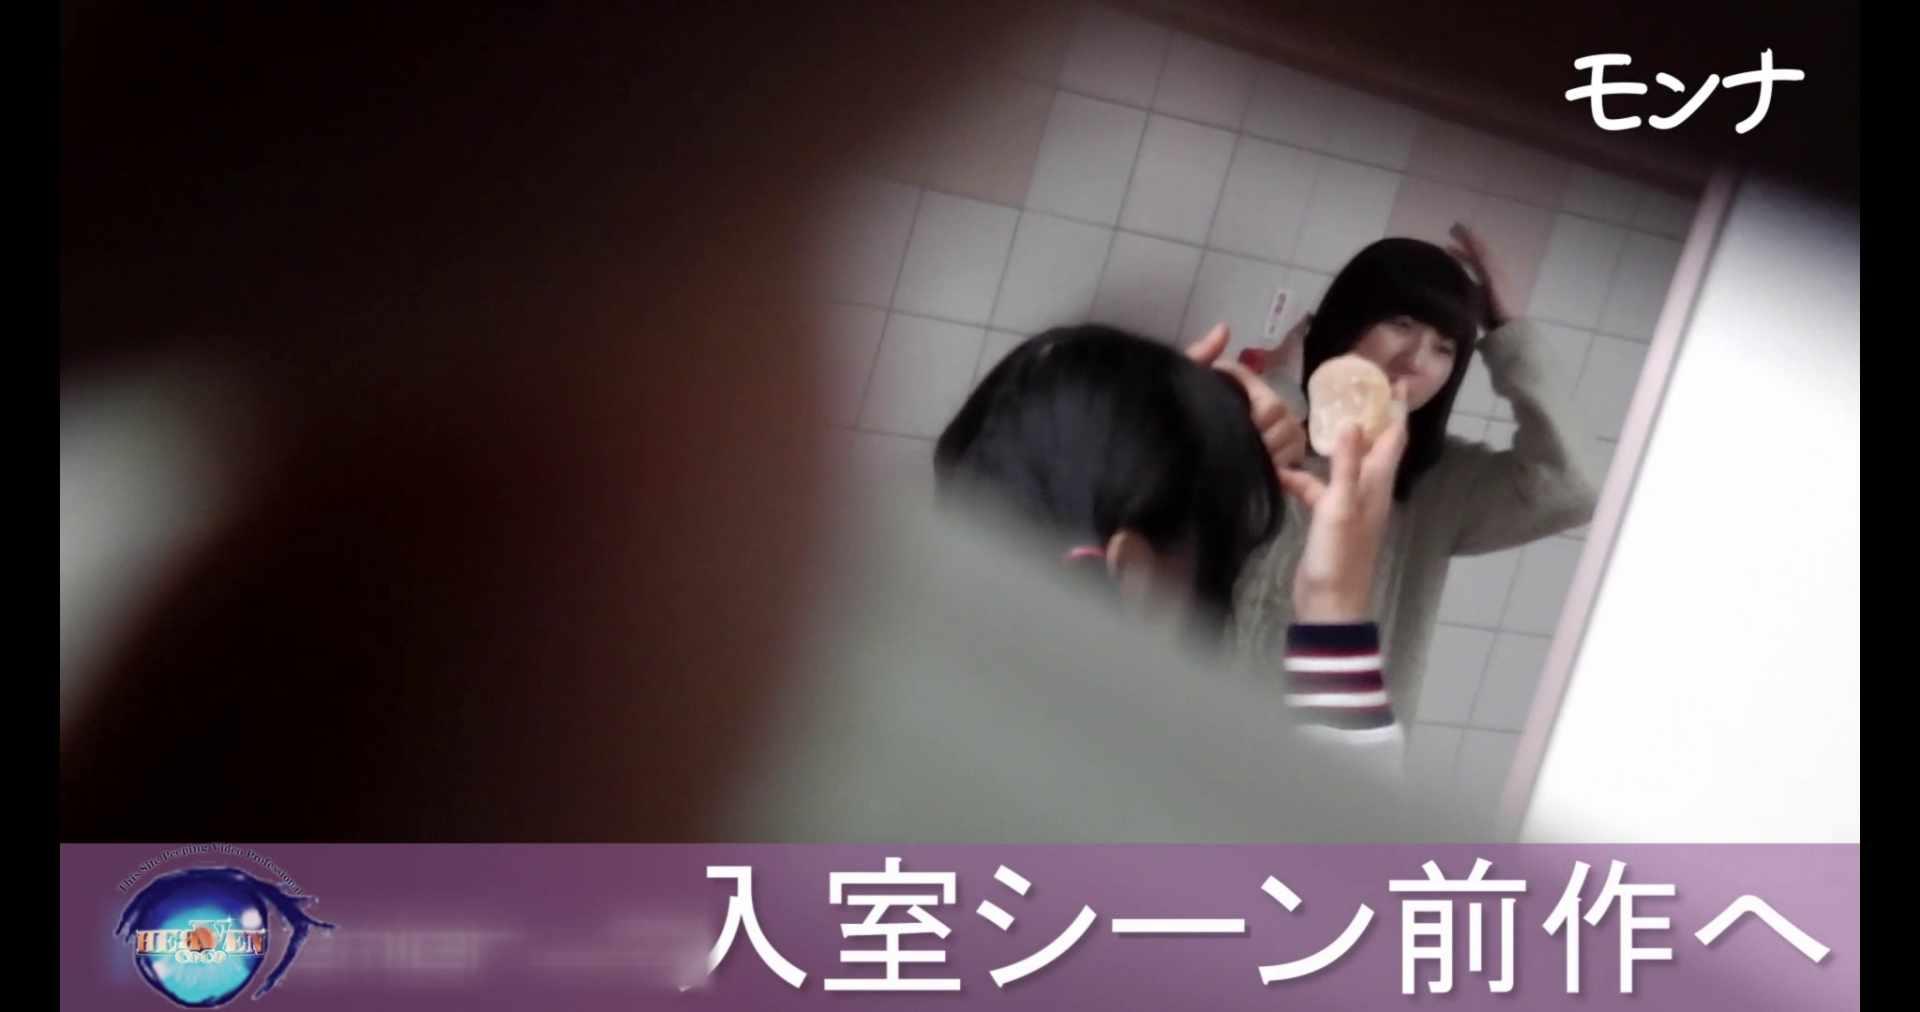 美しい日本の未来 No.92前編 女子の厠   エッチな盗撮  91pic 25